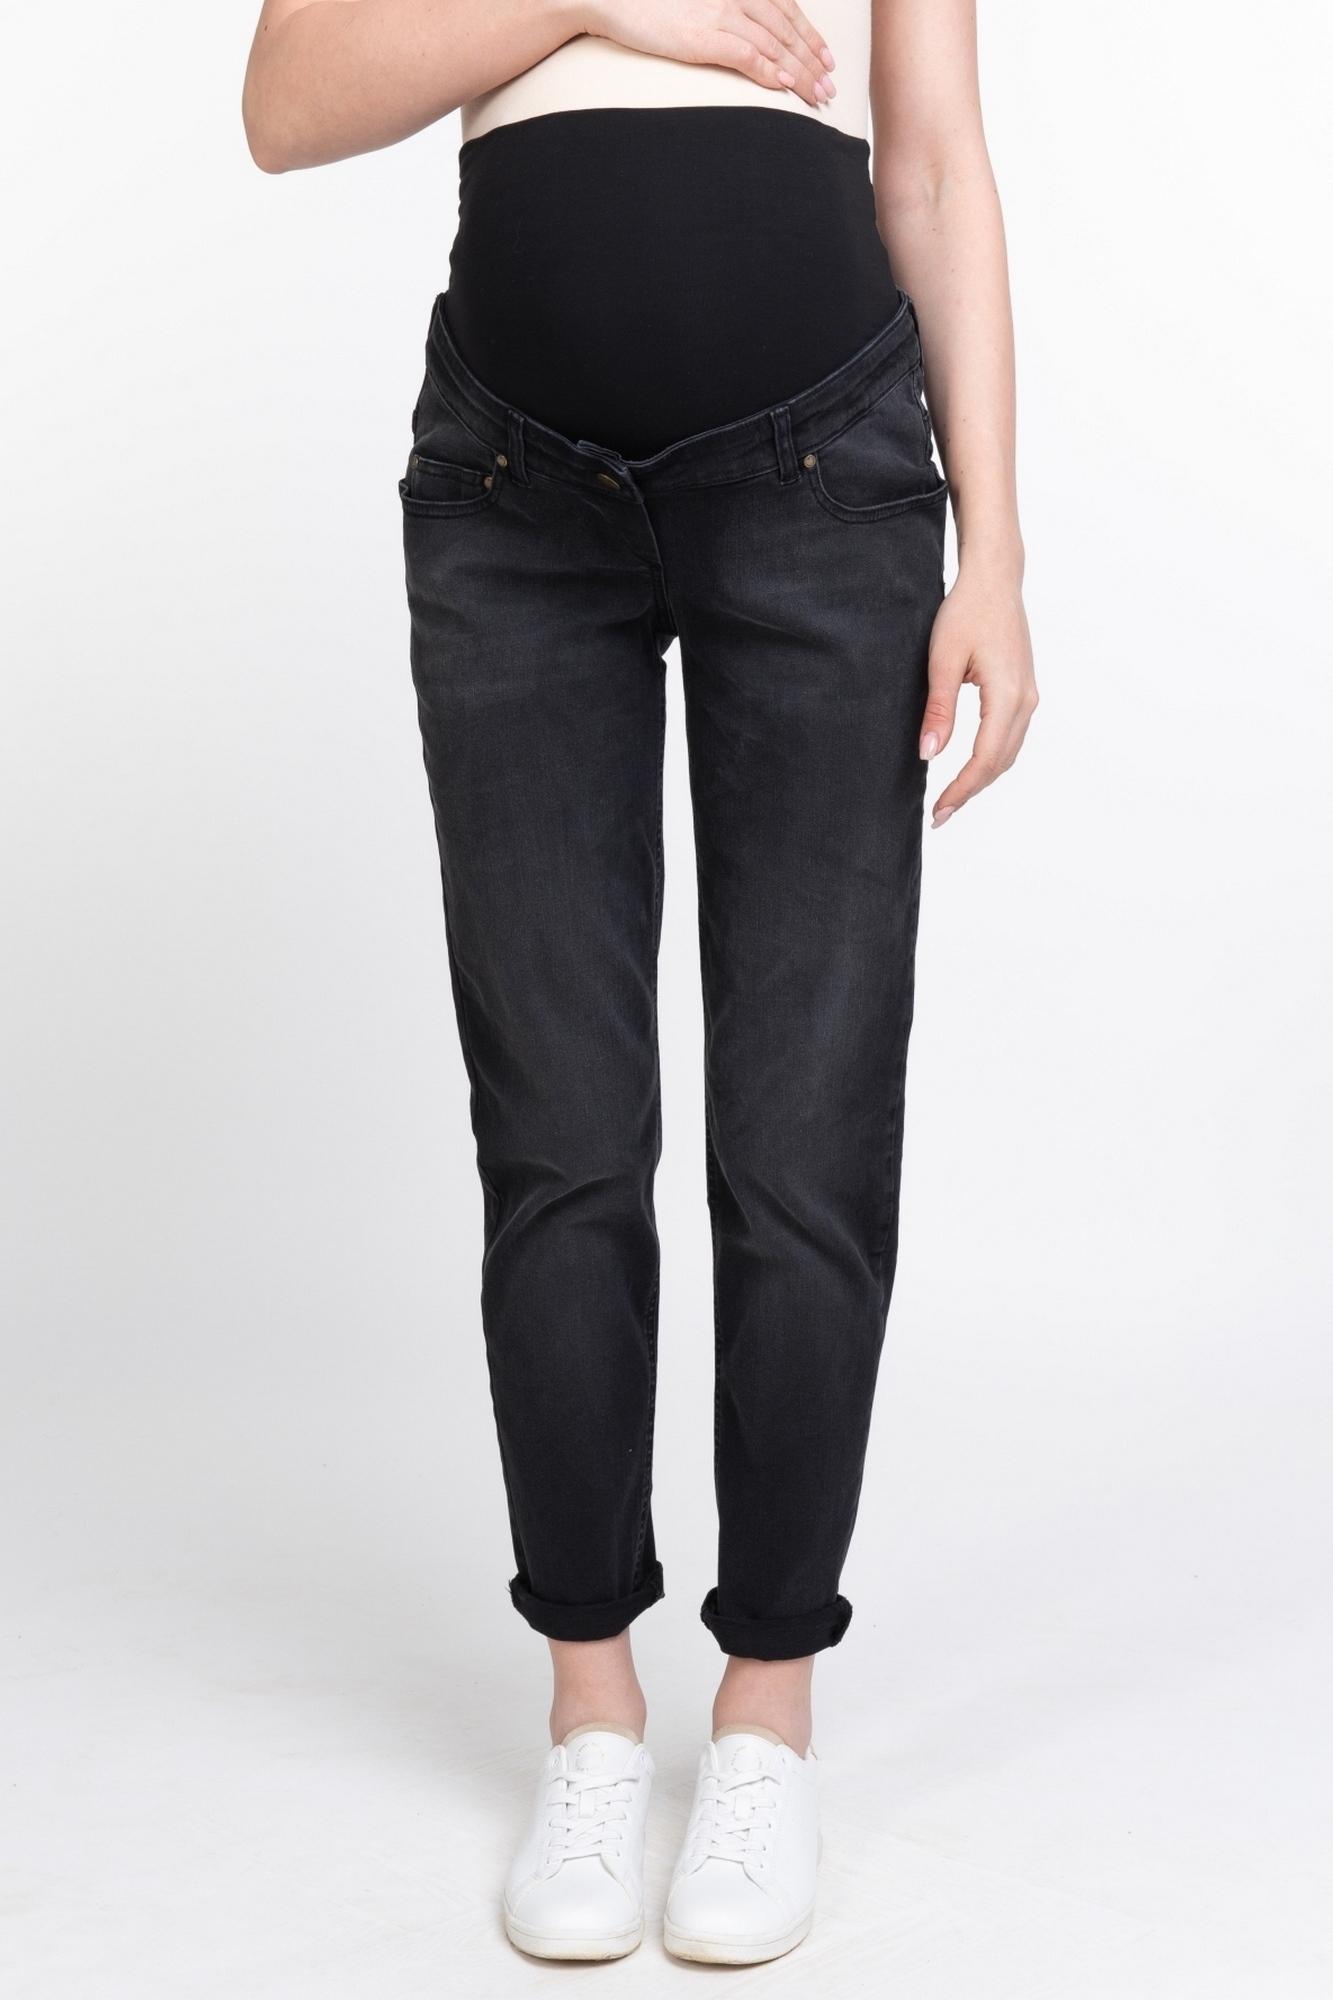 Фото джинсы-бойфренды для беременных MAMA`S FANTASY, средняя посадка, высокая вставка от магазина СкороМама, черный, размеры.